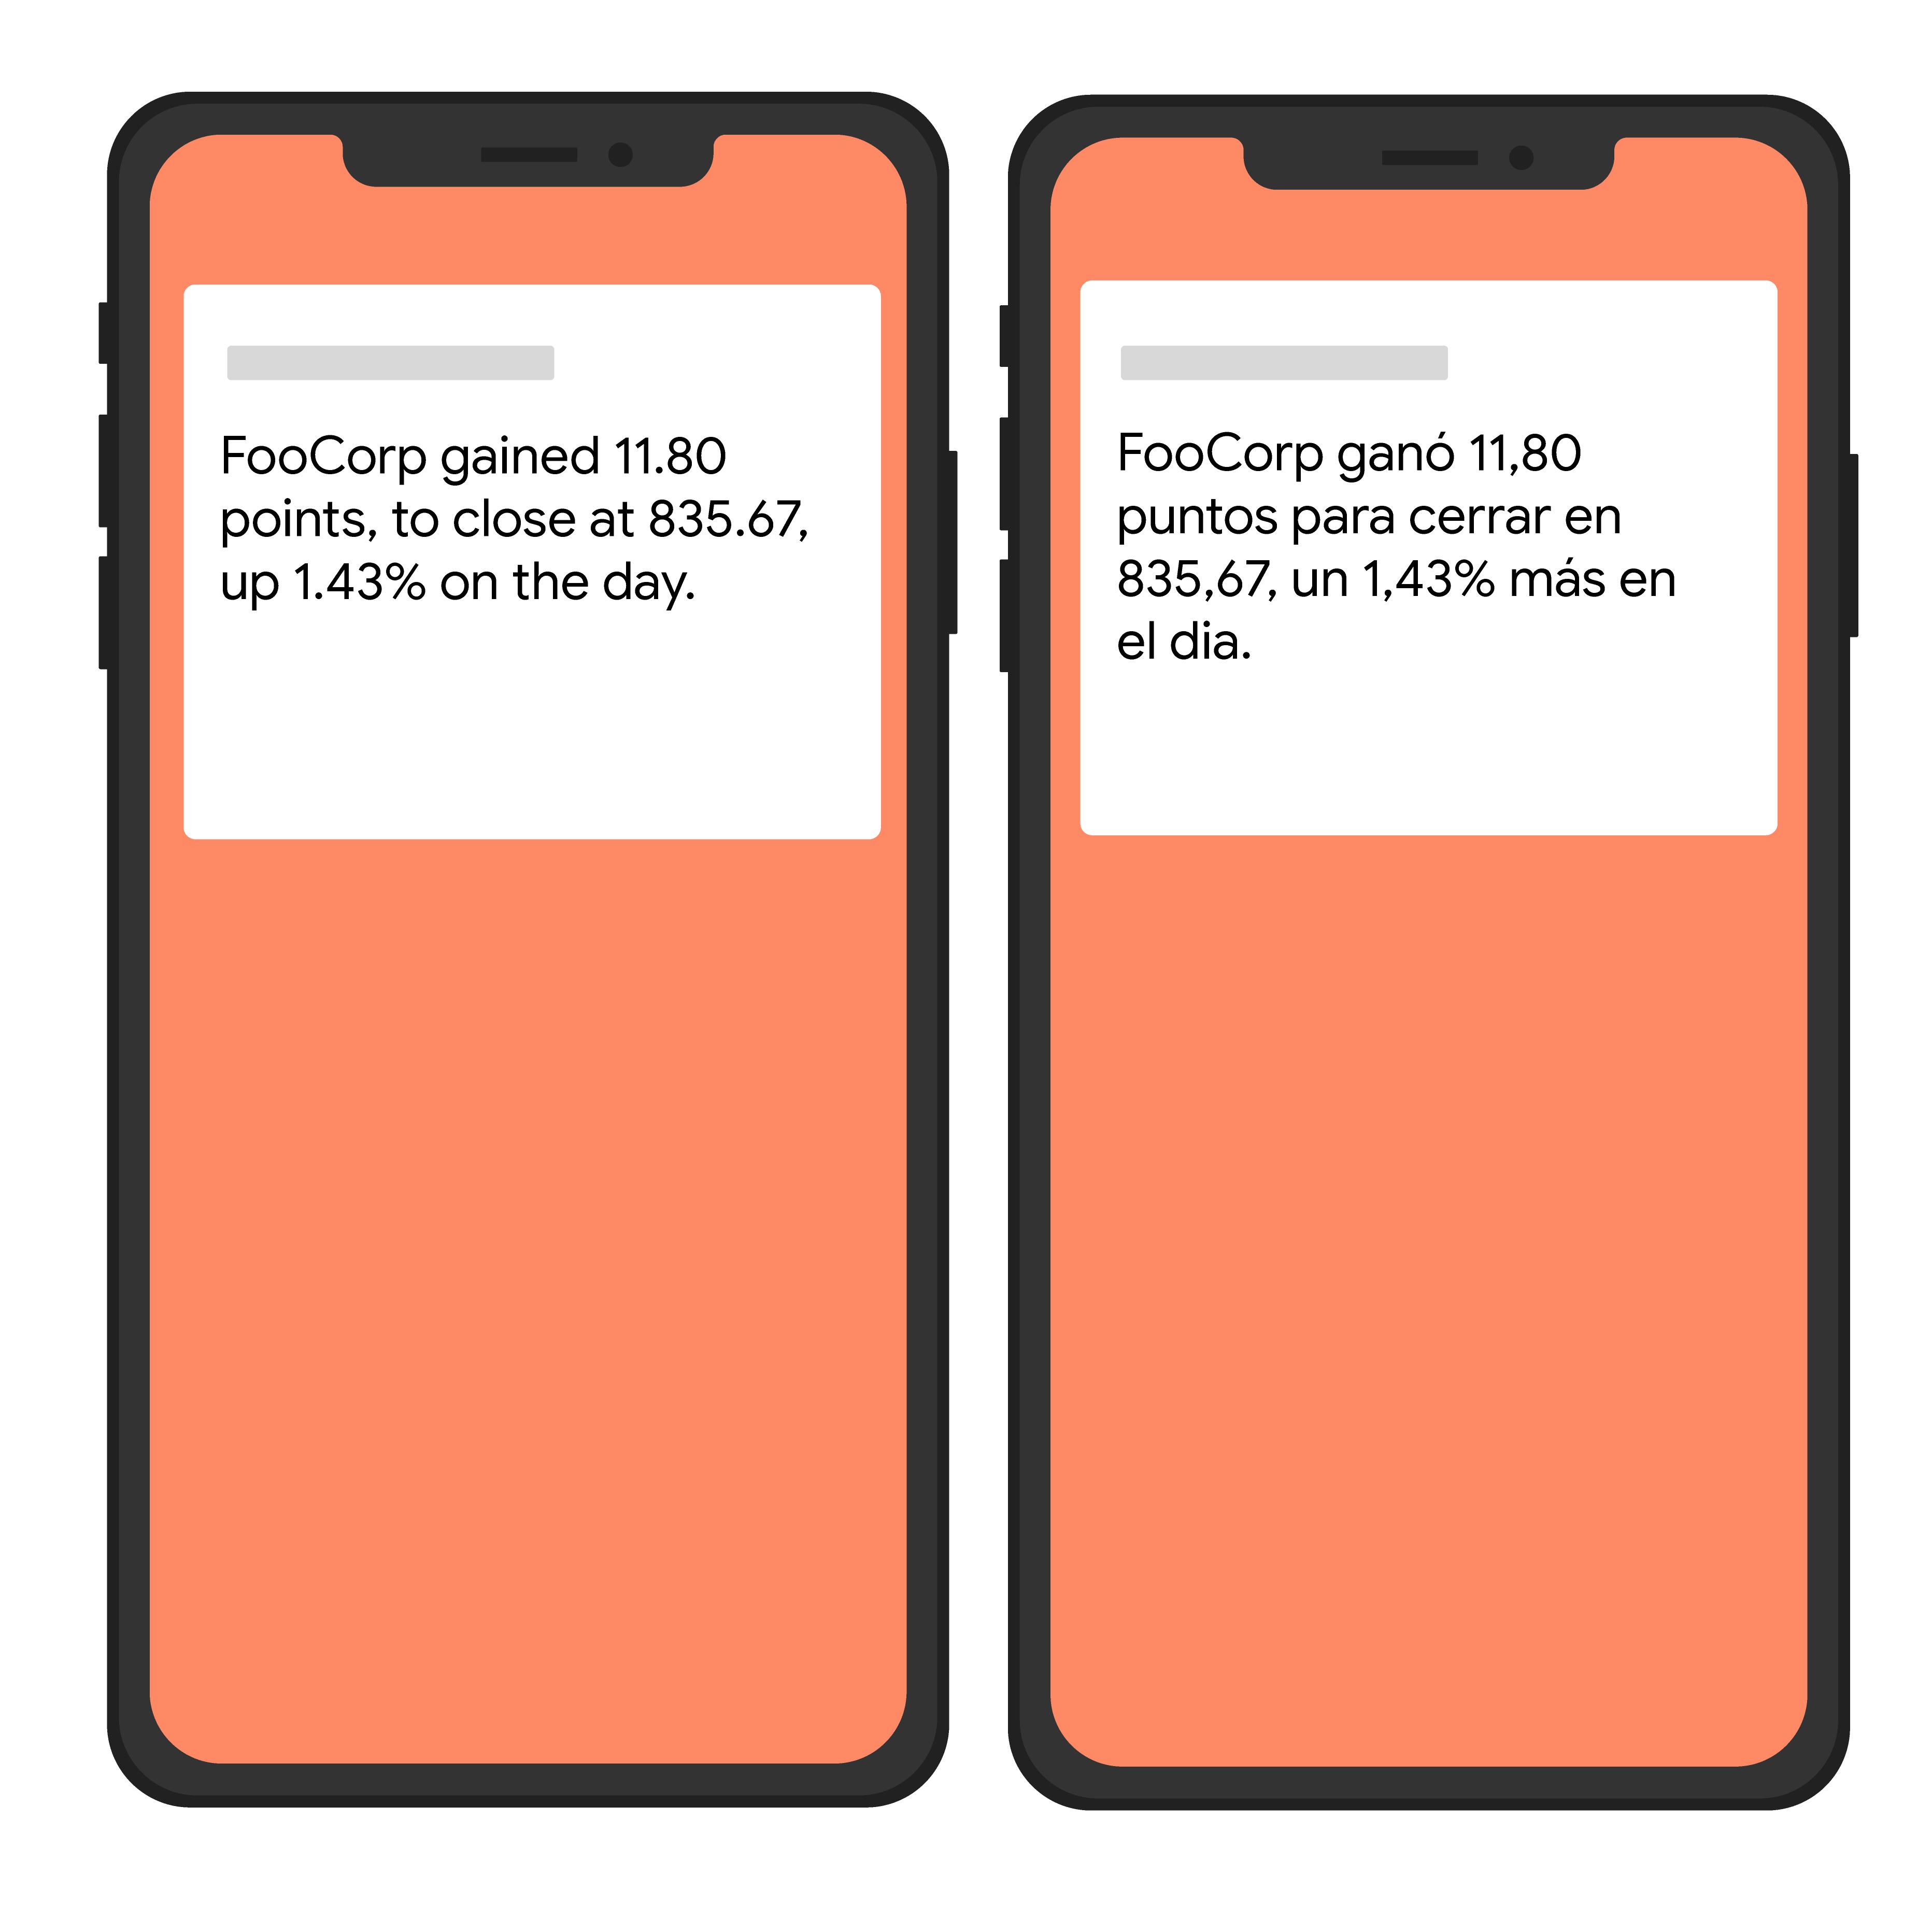 Dibujo simple de dos dispositivos que muestran texto en inglés y español